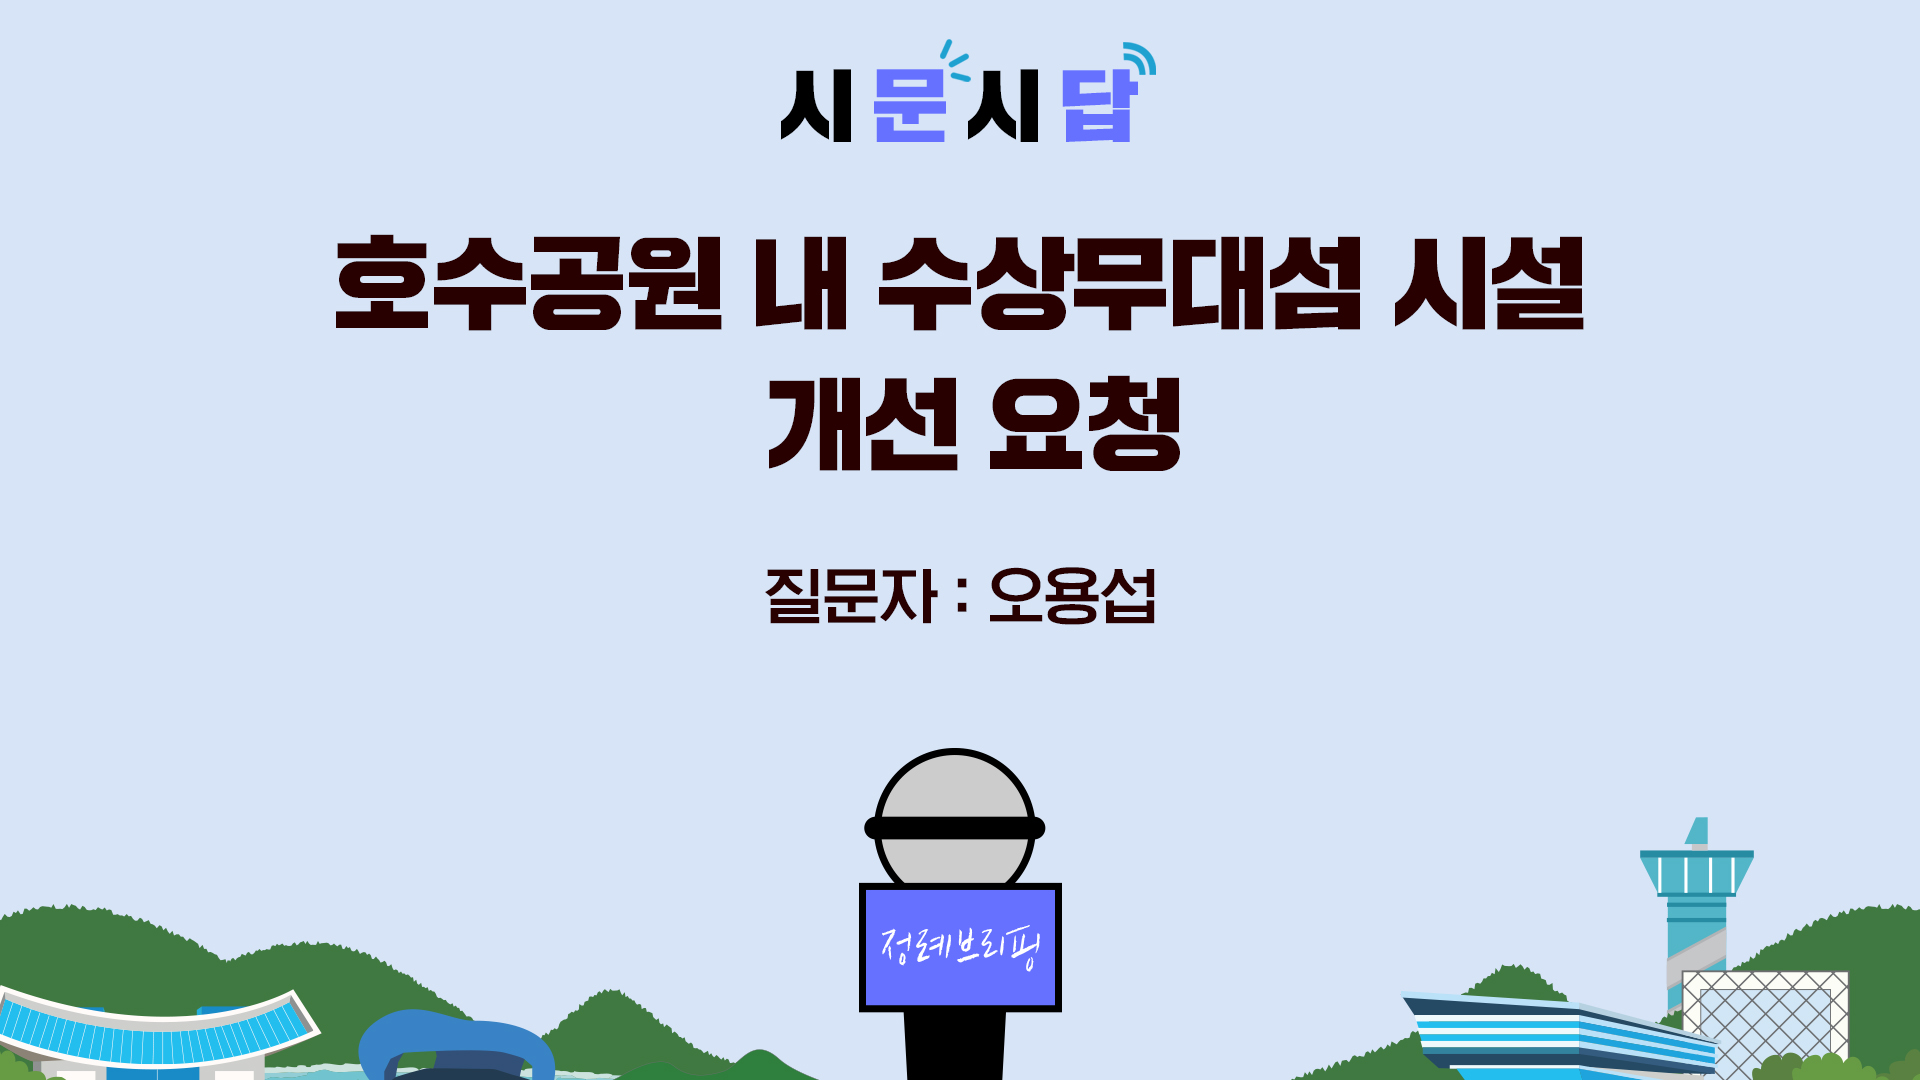 <시문시답> 호수공원 내 수상무대섬 시설 개선 요청